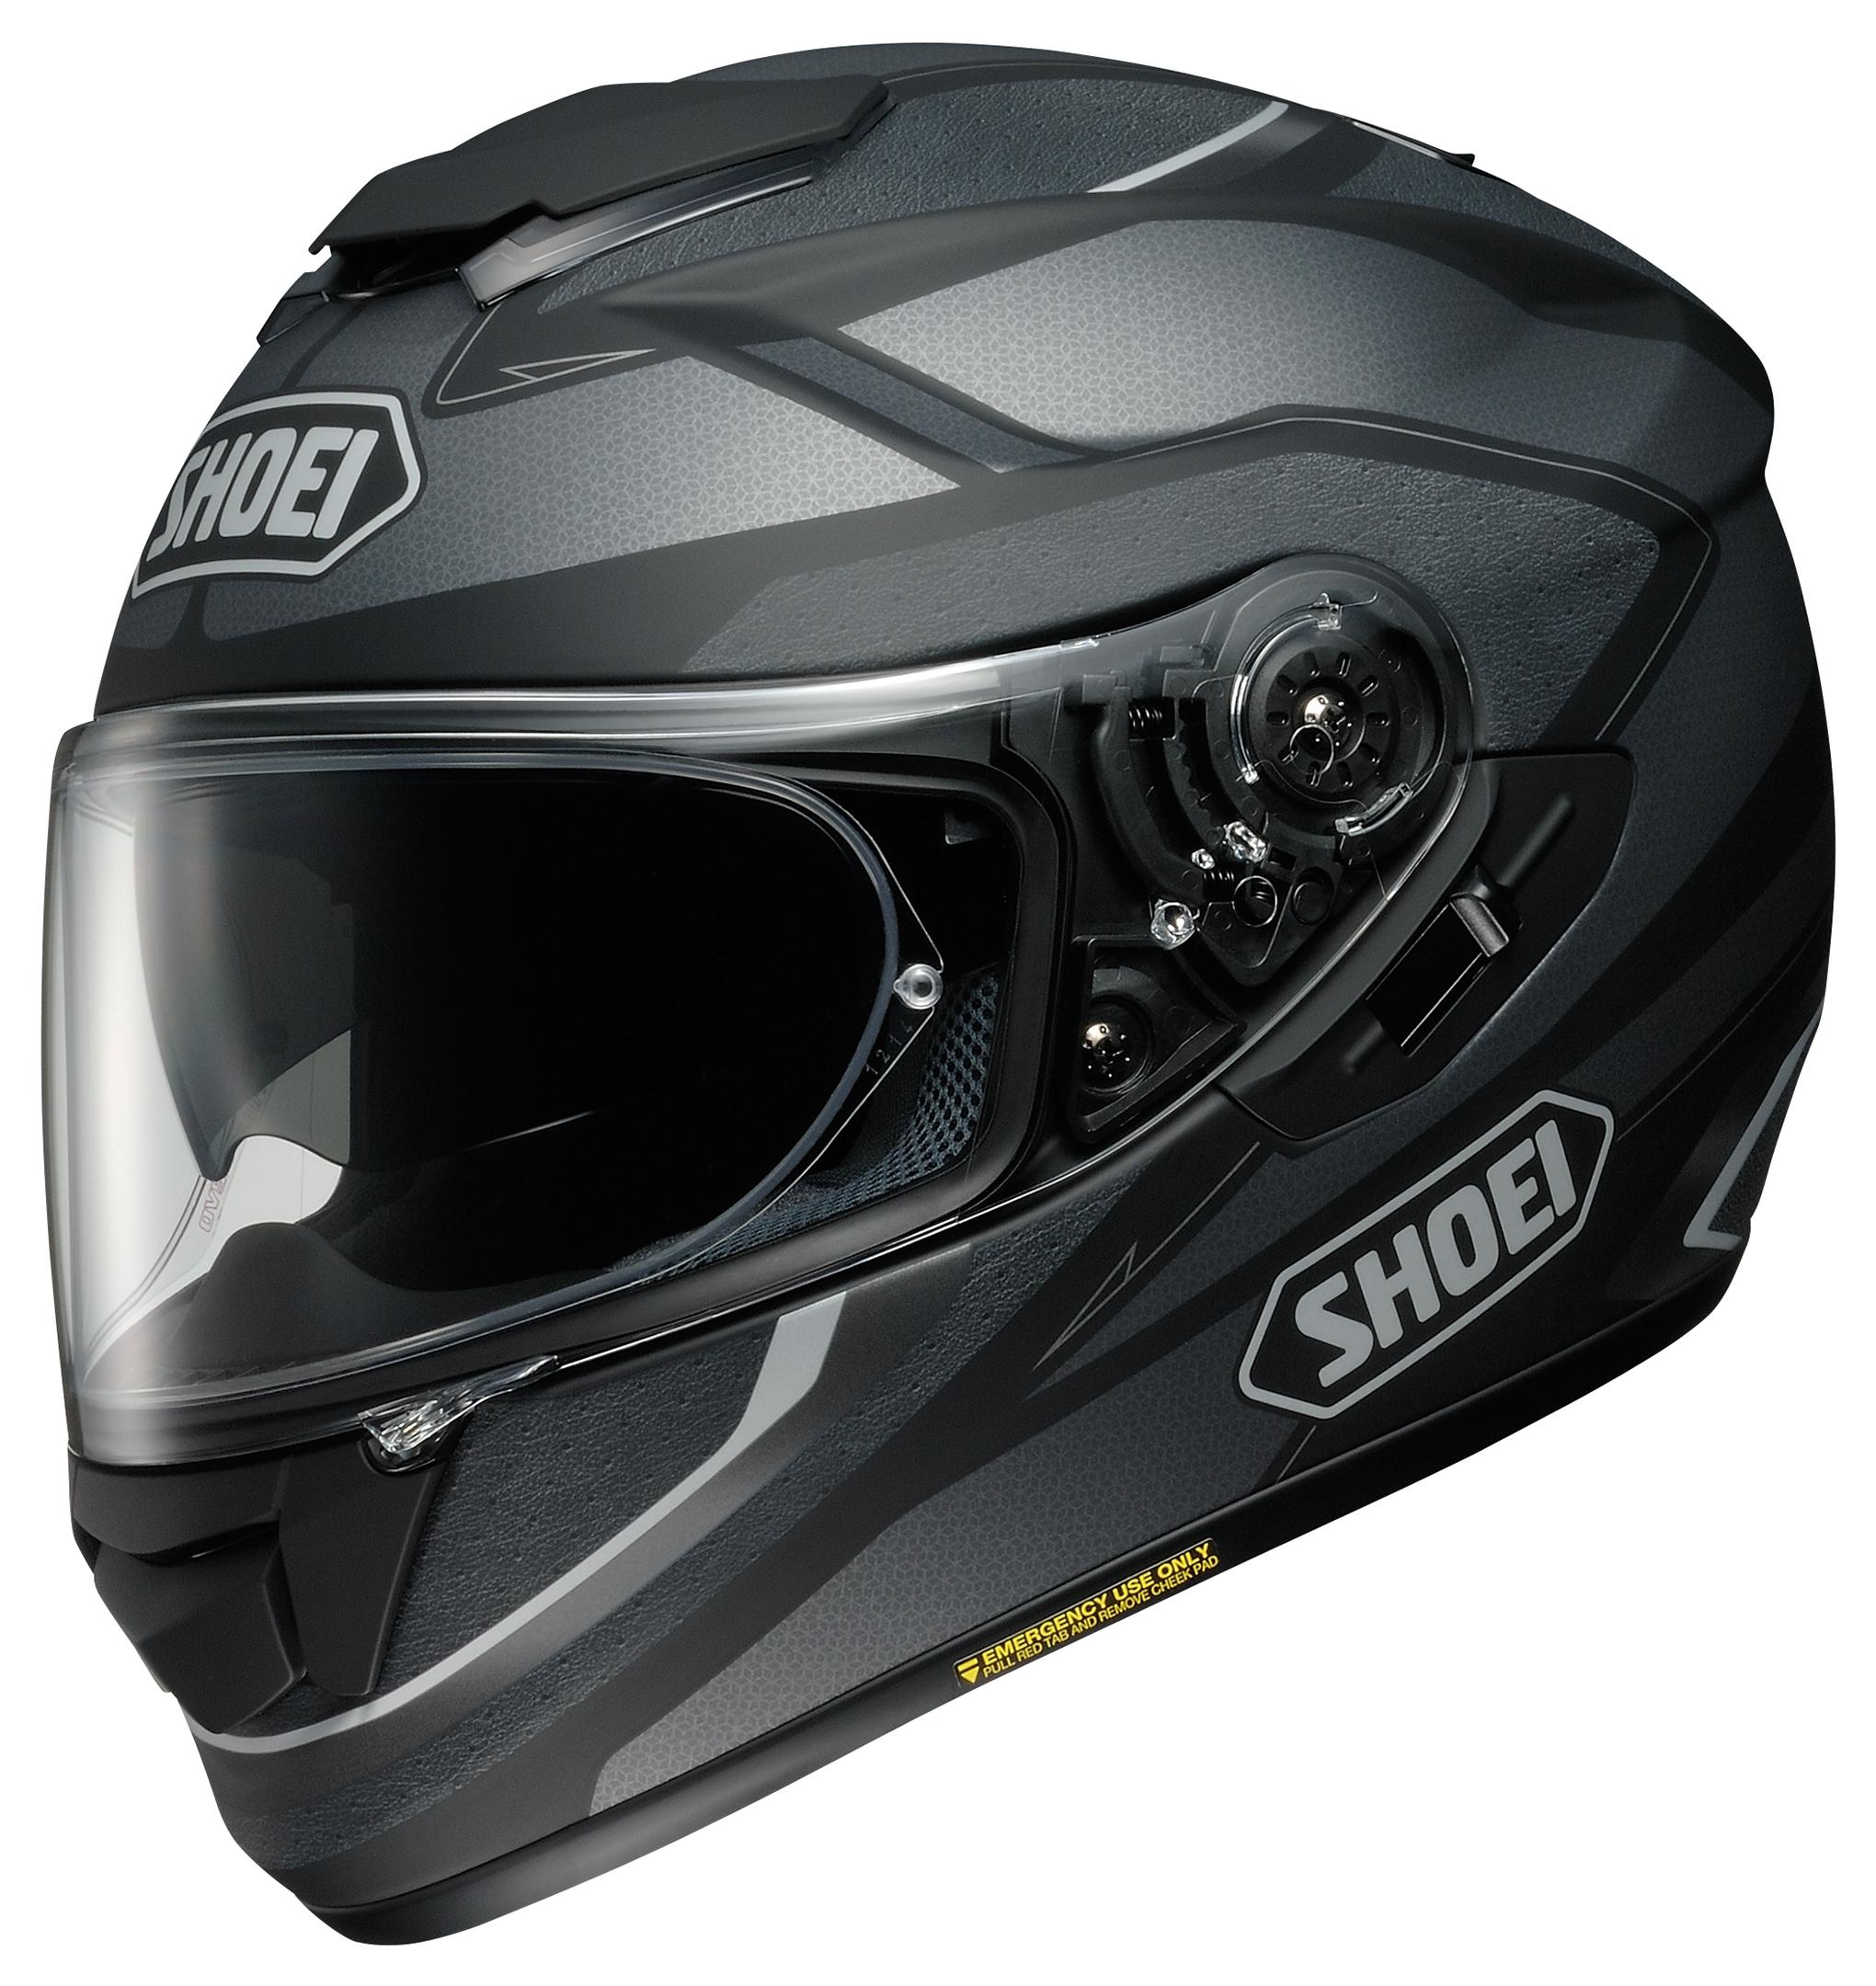 Shoei Gt Air >> Shoei GT-Air Swayer Helmet - Cycle Gear